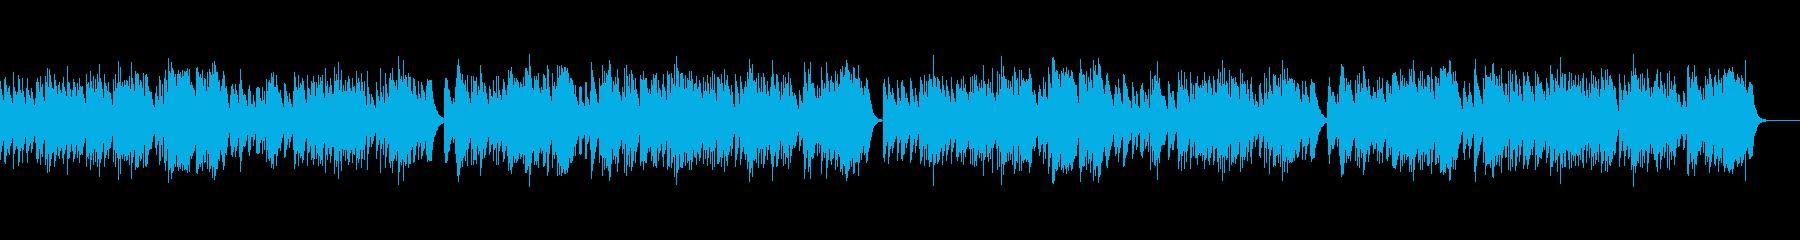 バッハ「G線上のアリア」オルゴールの再生済みの波形